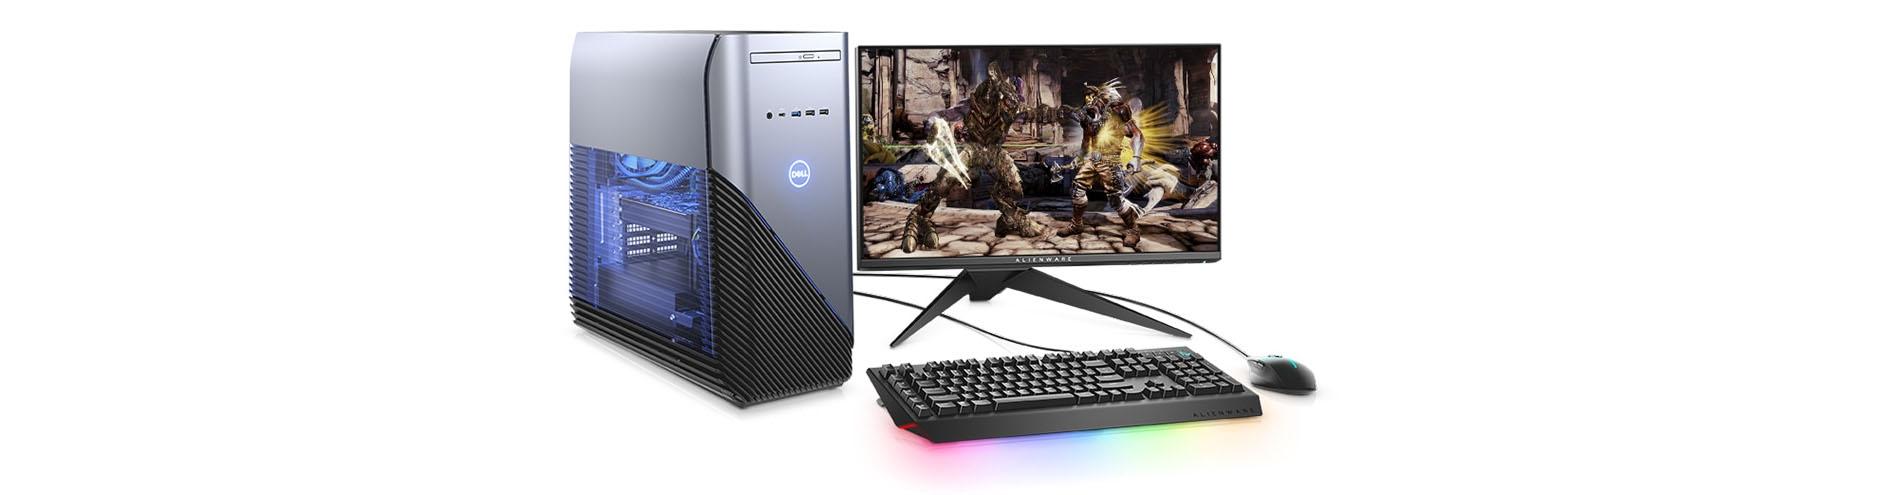 Dell Gaming Desktops Save100  Tile 03